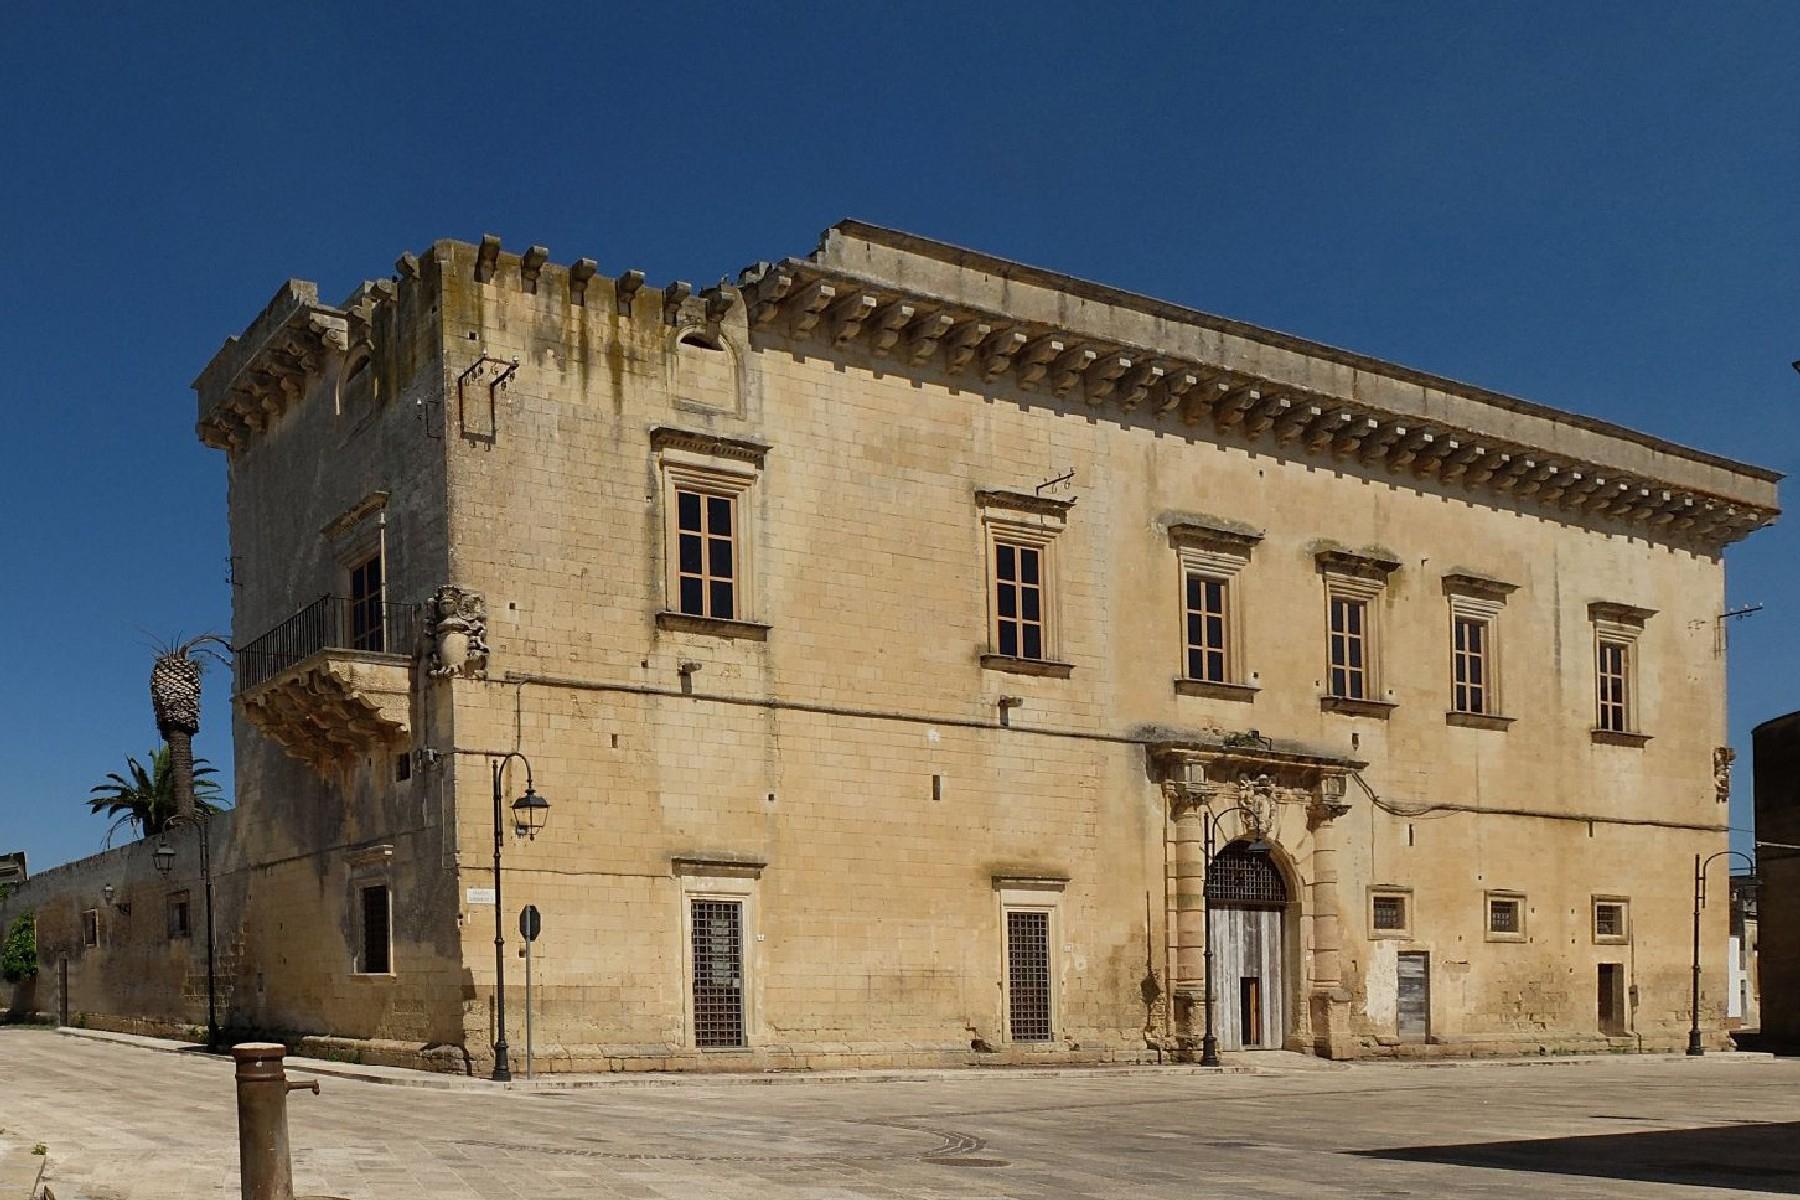 Antico ed imponente Palazzo nelle immediate vicinanze della Lecce barocca - 1